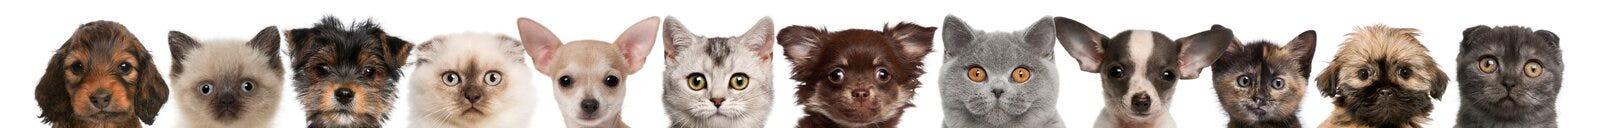 Mening van puppy en katjeshoofden Royalty-vrije Stock Fotografie